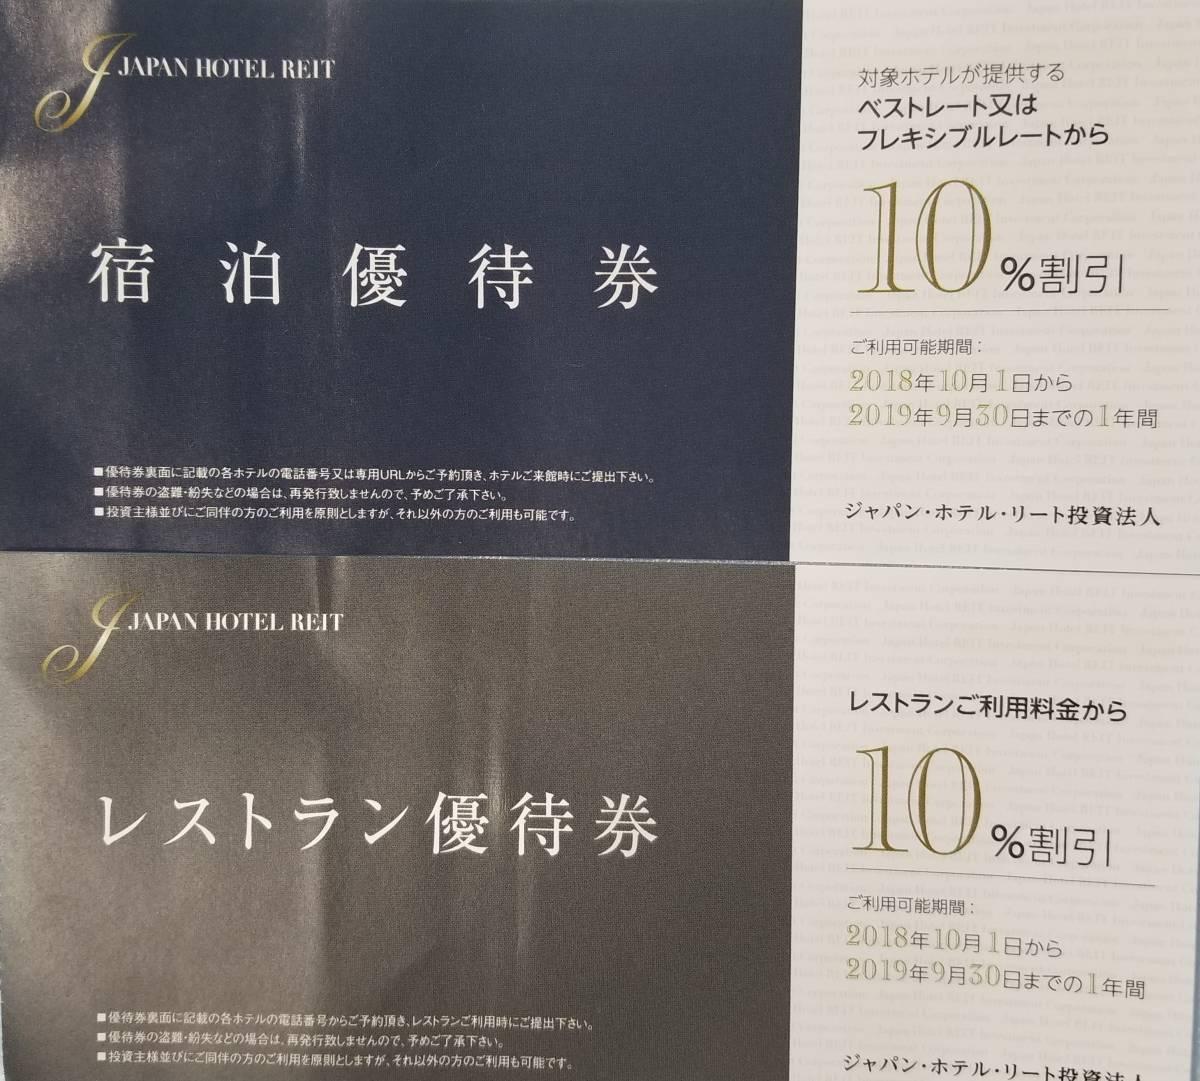 ディズニー【宿泊割引+レストラン割引】2枚セッ - ヤフオク!